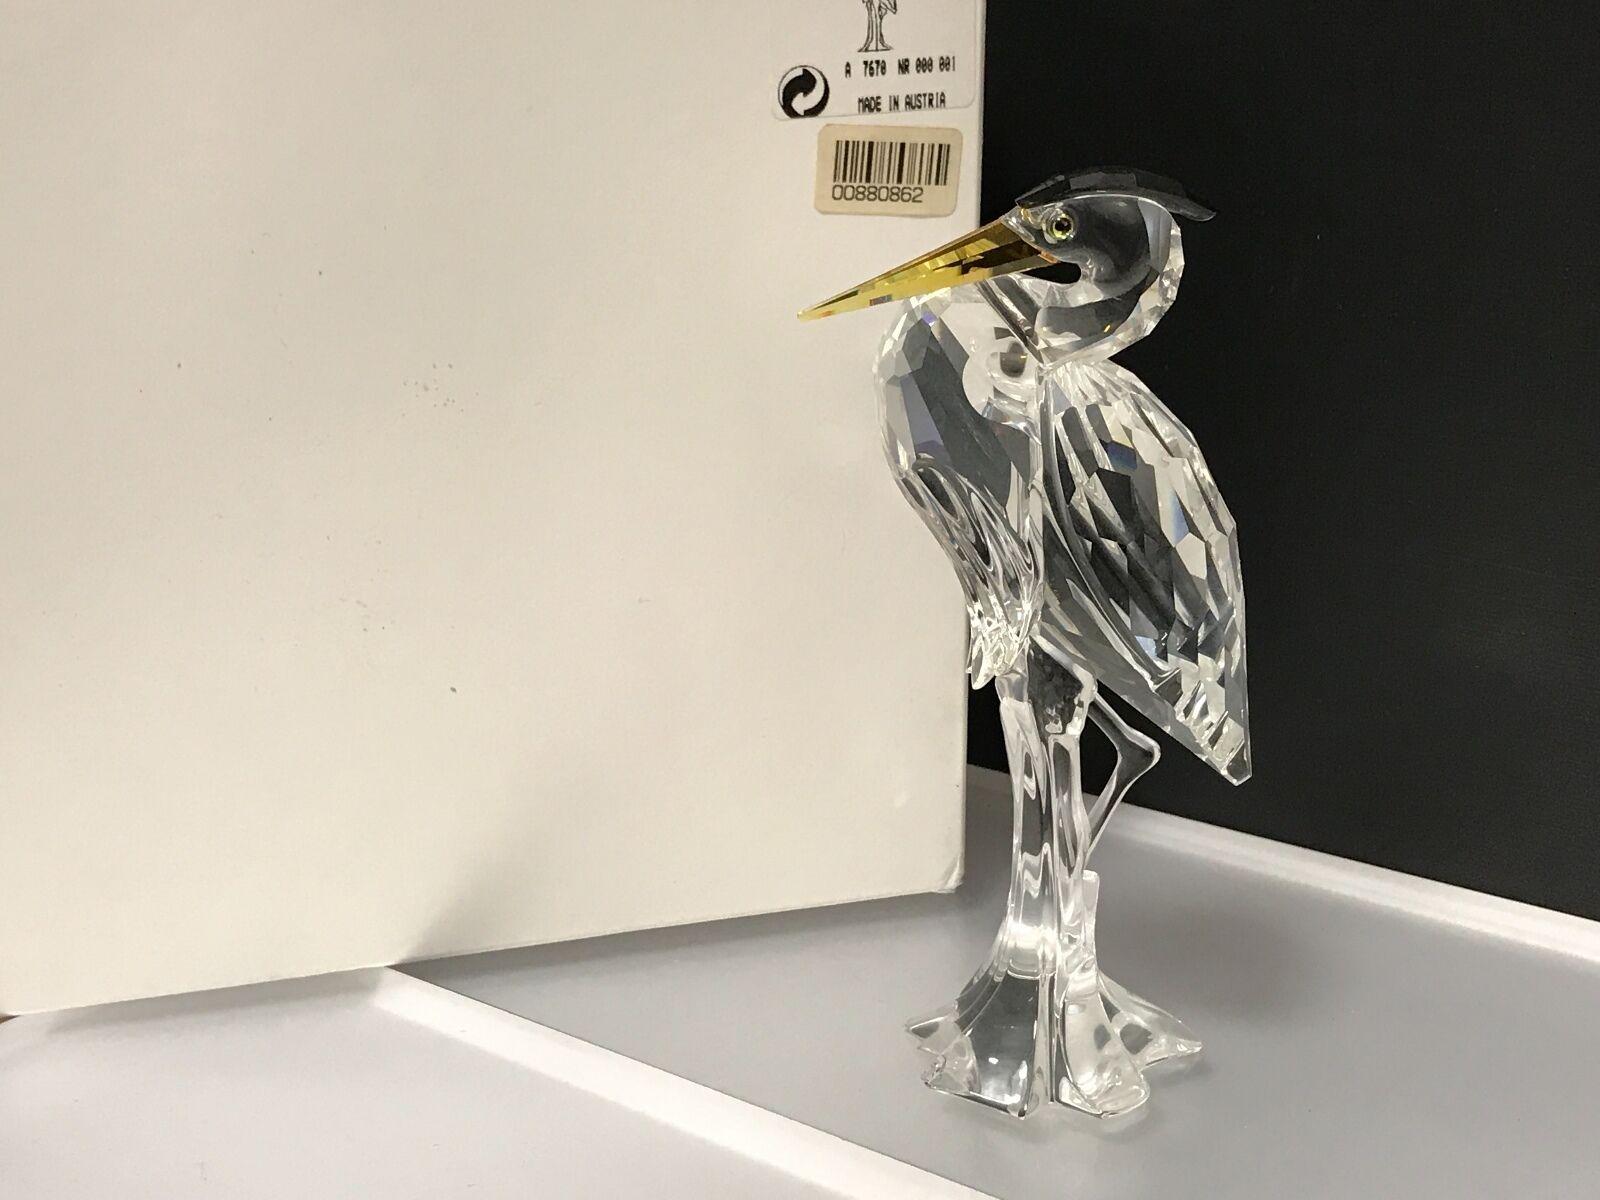 Swarovski Figurine Poisson Hérons 15 neuf cm avec neuf 15 dans sa boîte & certificat. Excellent état 10c64a